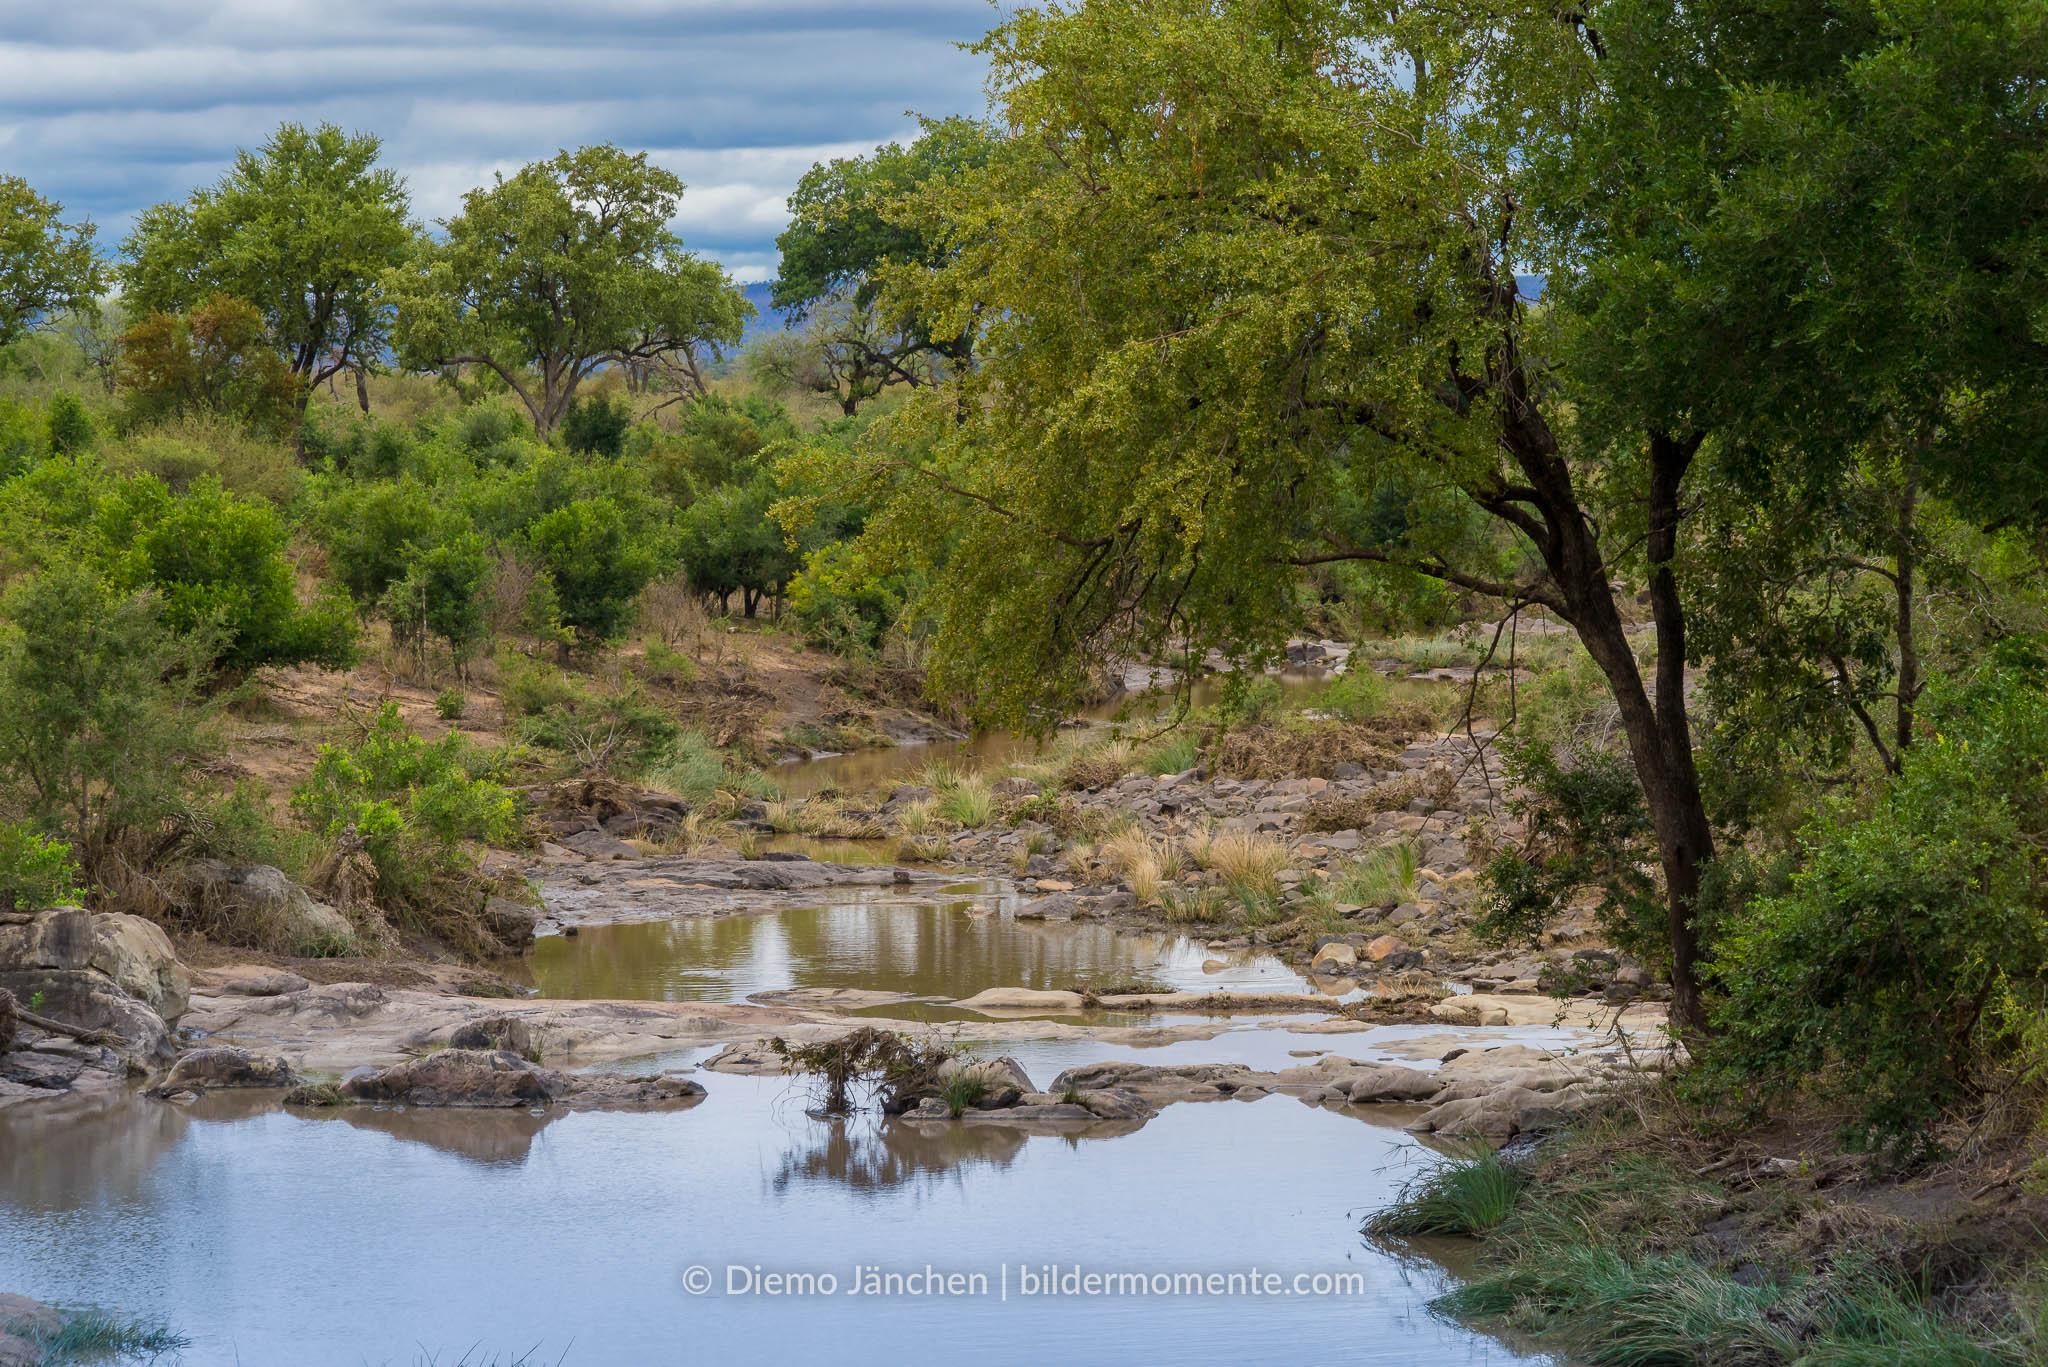 Wasserloch im Kruger National Park